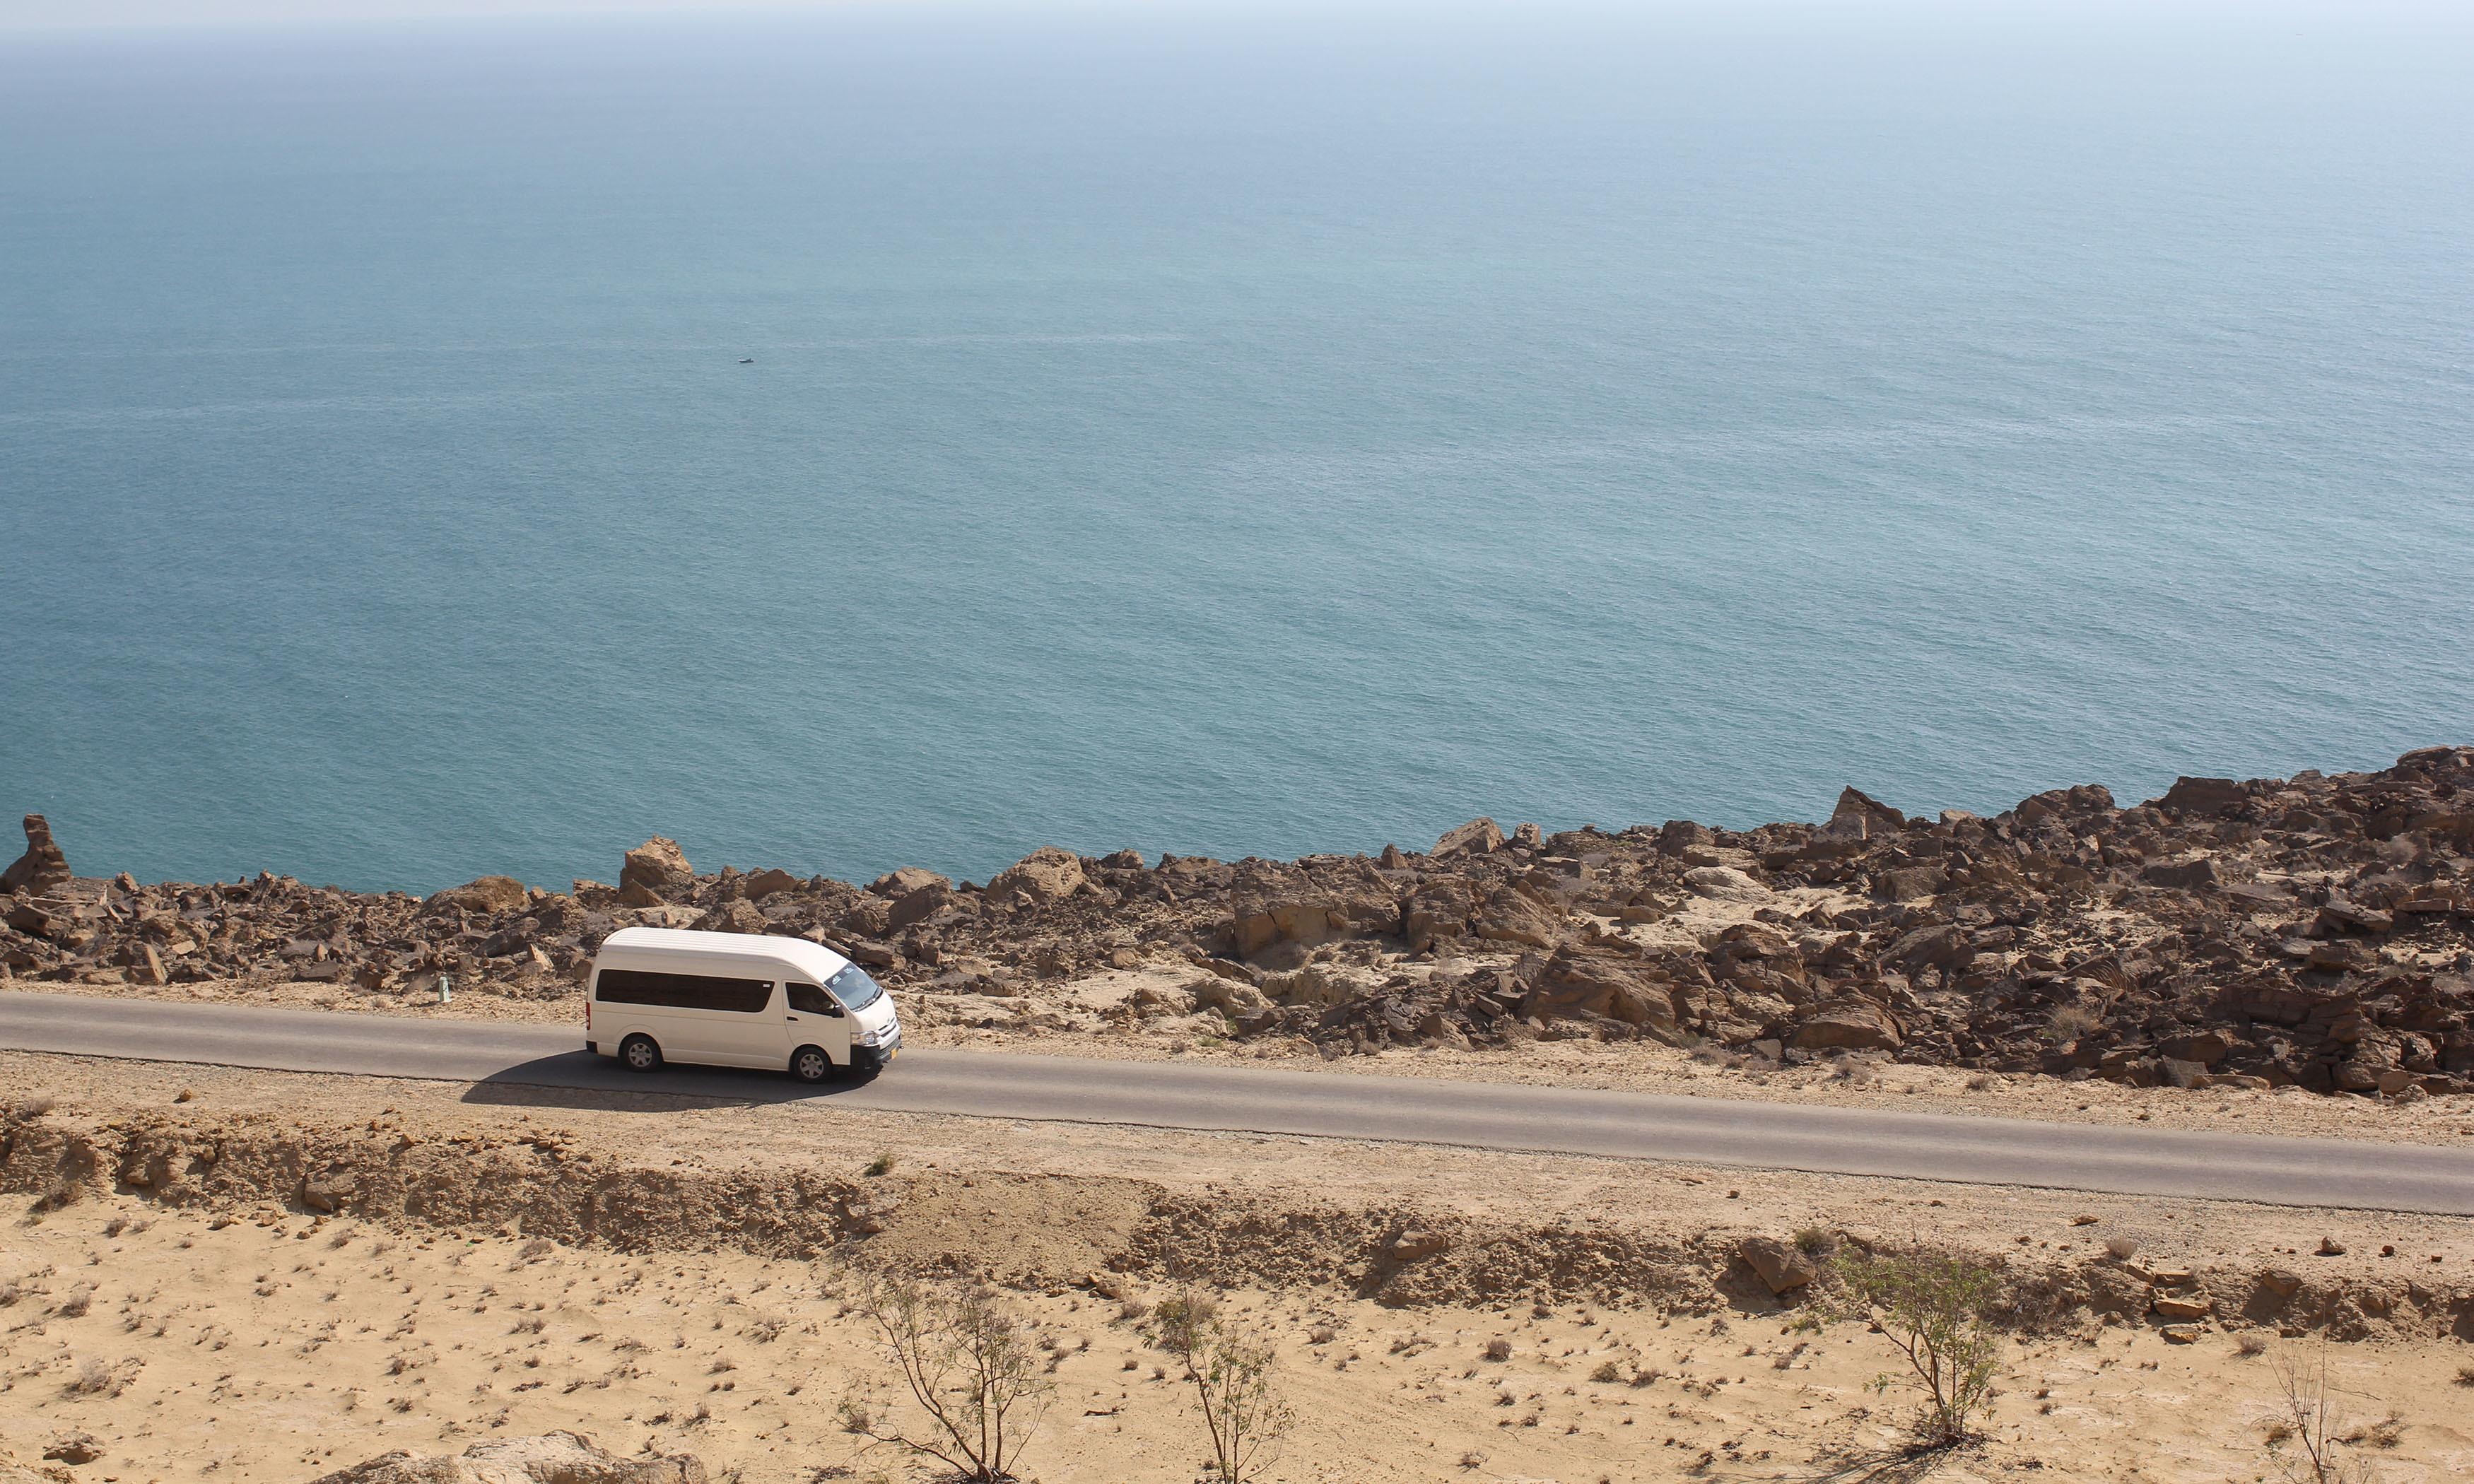 اورماڑہ کے قریب سمندر کراچی کے آلودہ سمندر کے برعکس صاف ہے۔